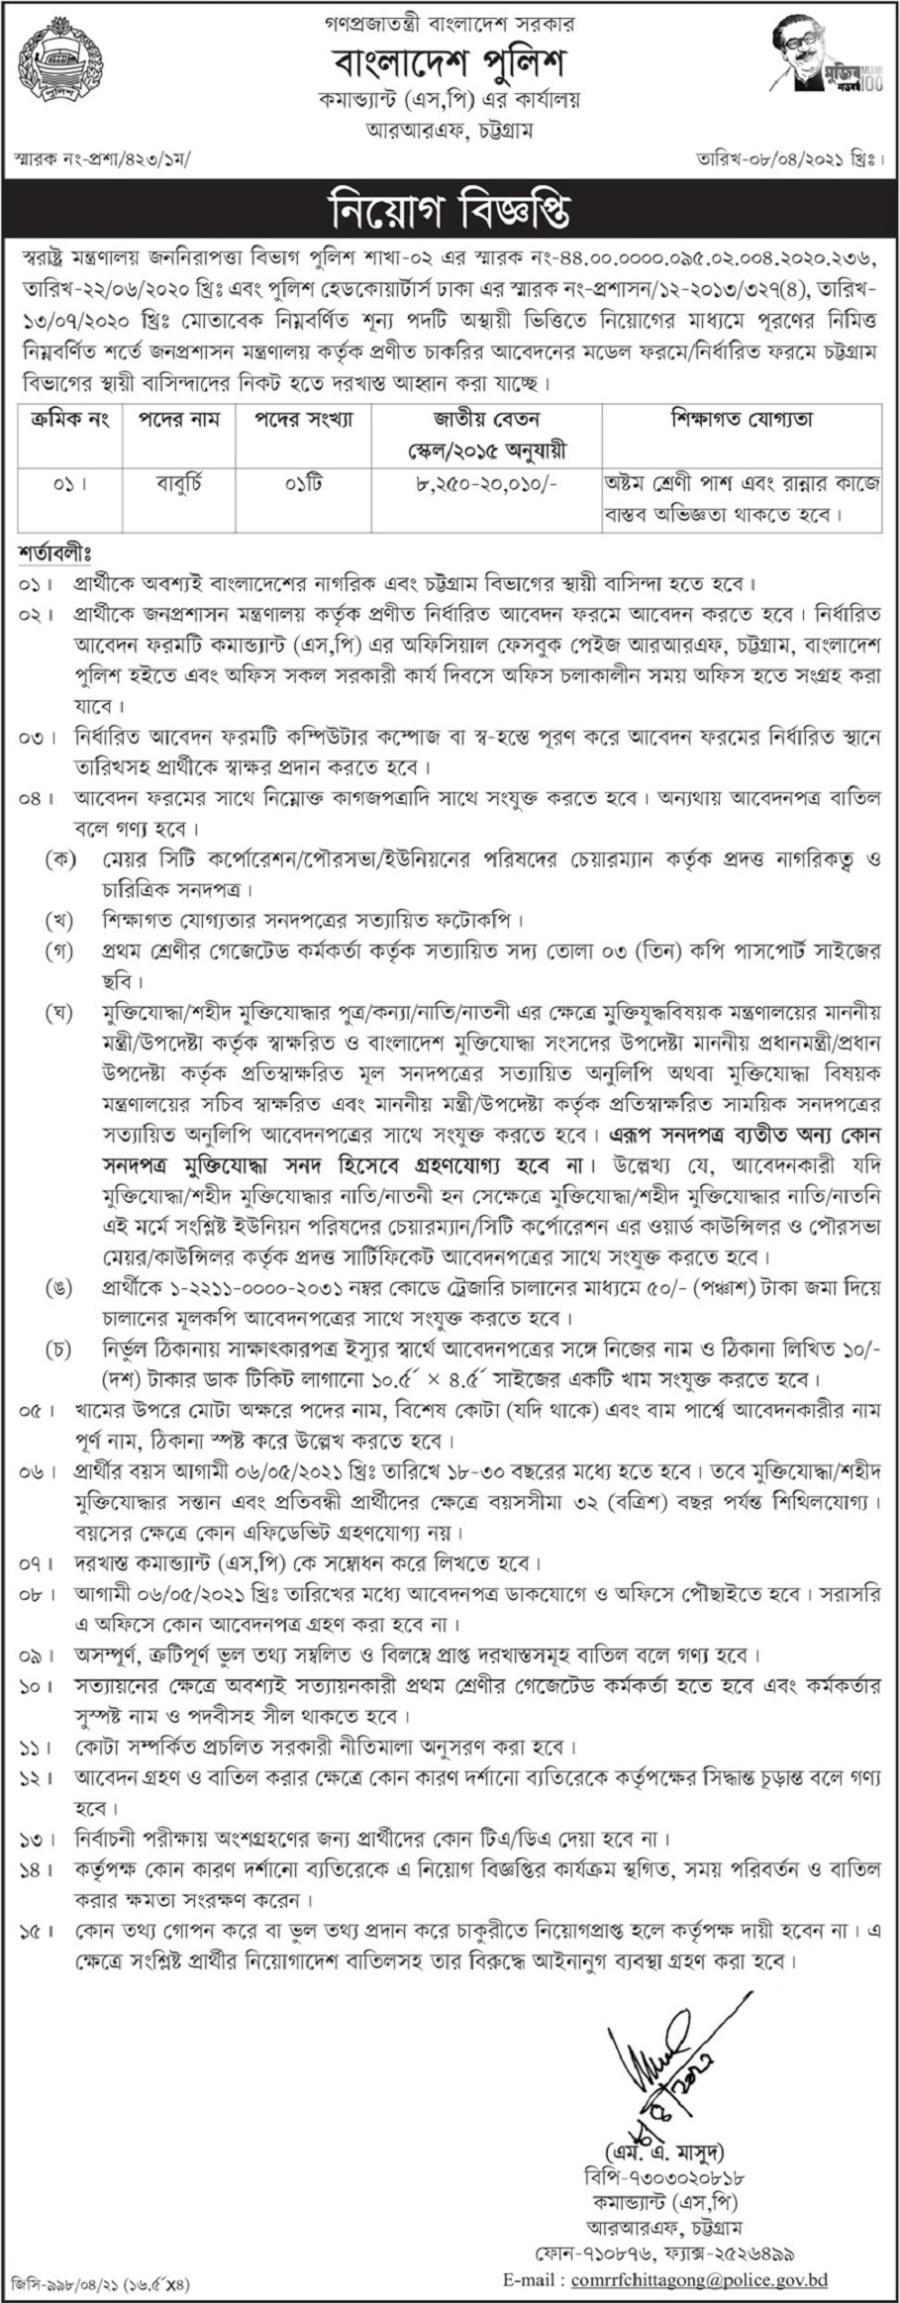 Bangladesh Police Job Circular May 2021